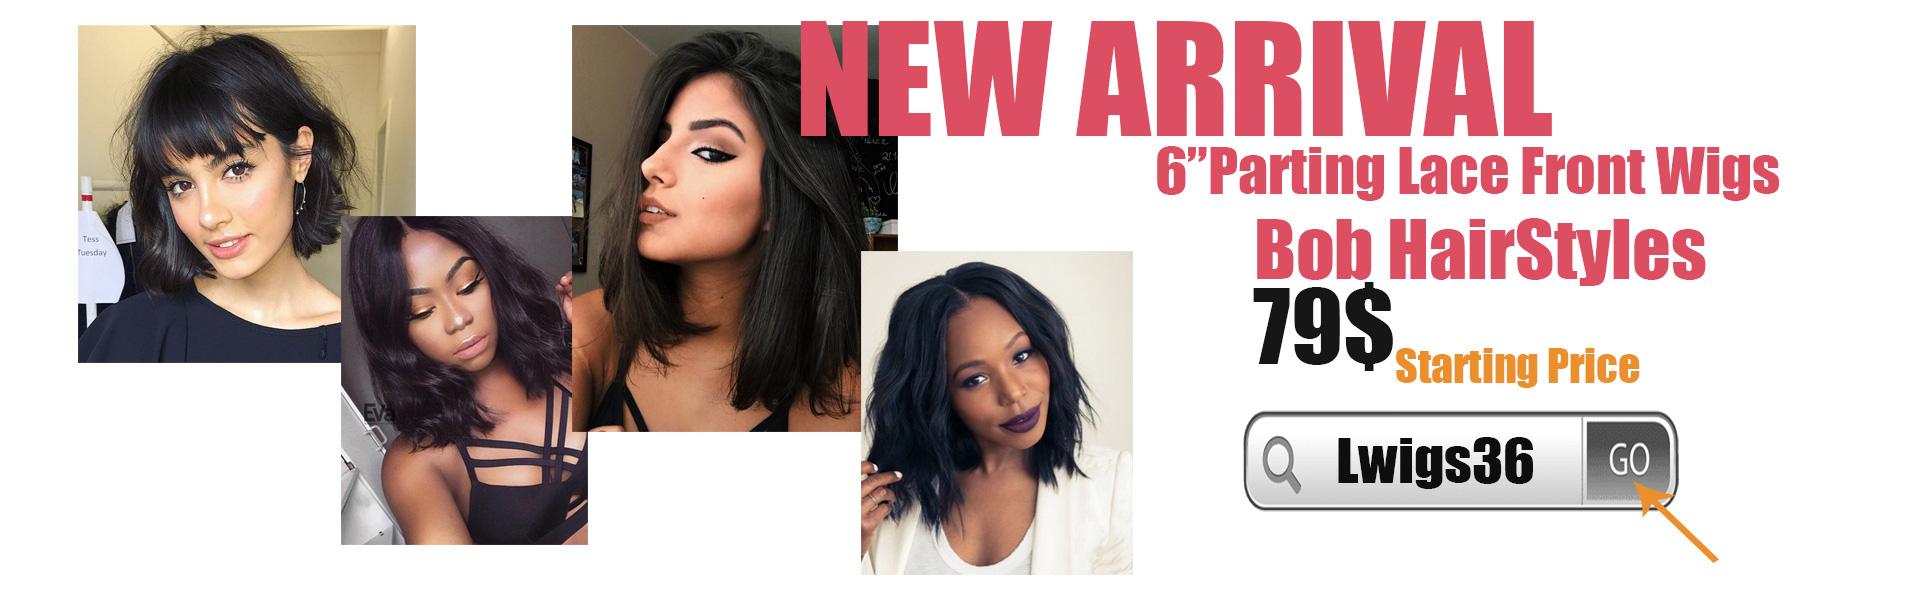 https://www.lwigs.com/bob-hair-style-silk-straight-brazilian-virgin-human-hair-lace-front-wigs-for-black-women-lwigs36.html